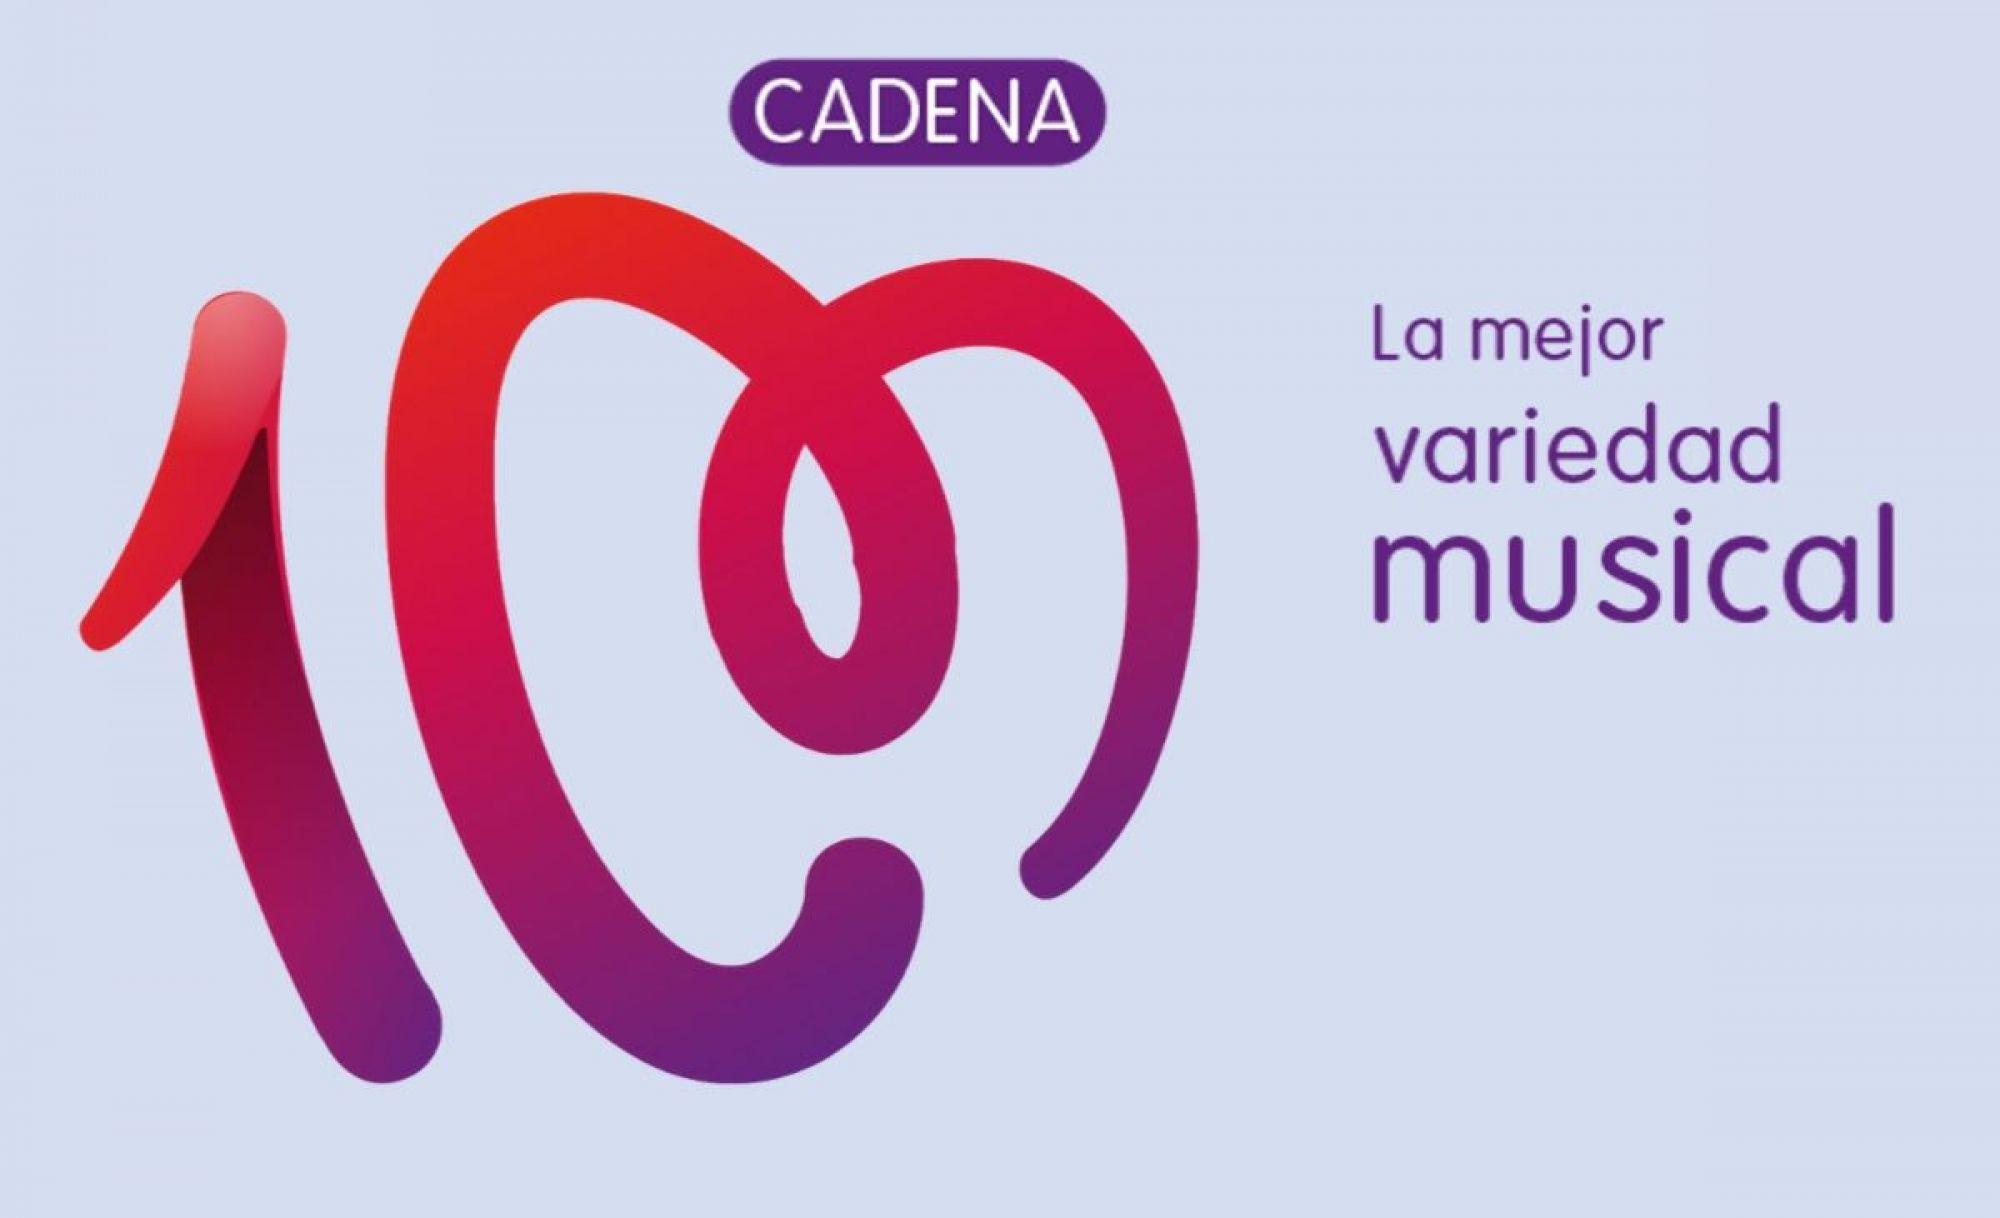 Cadena_100_